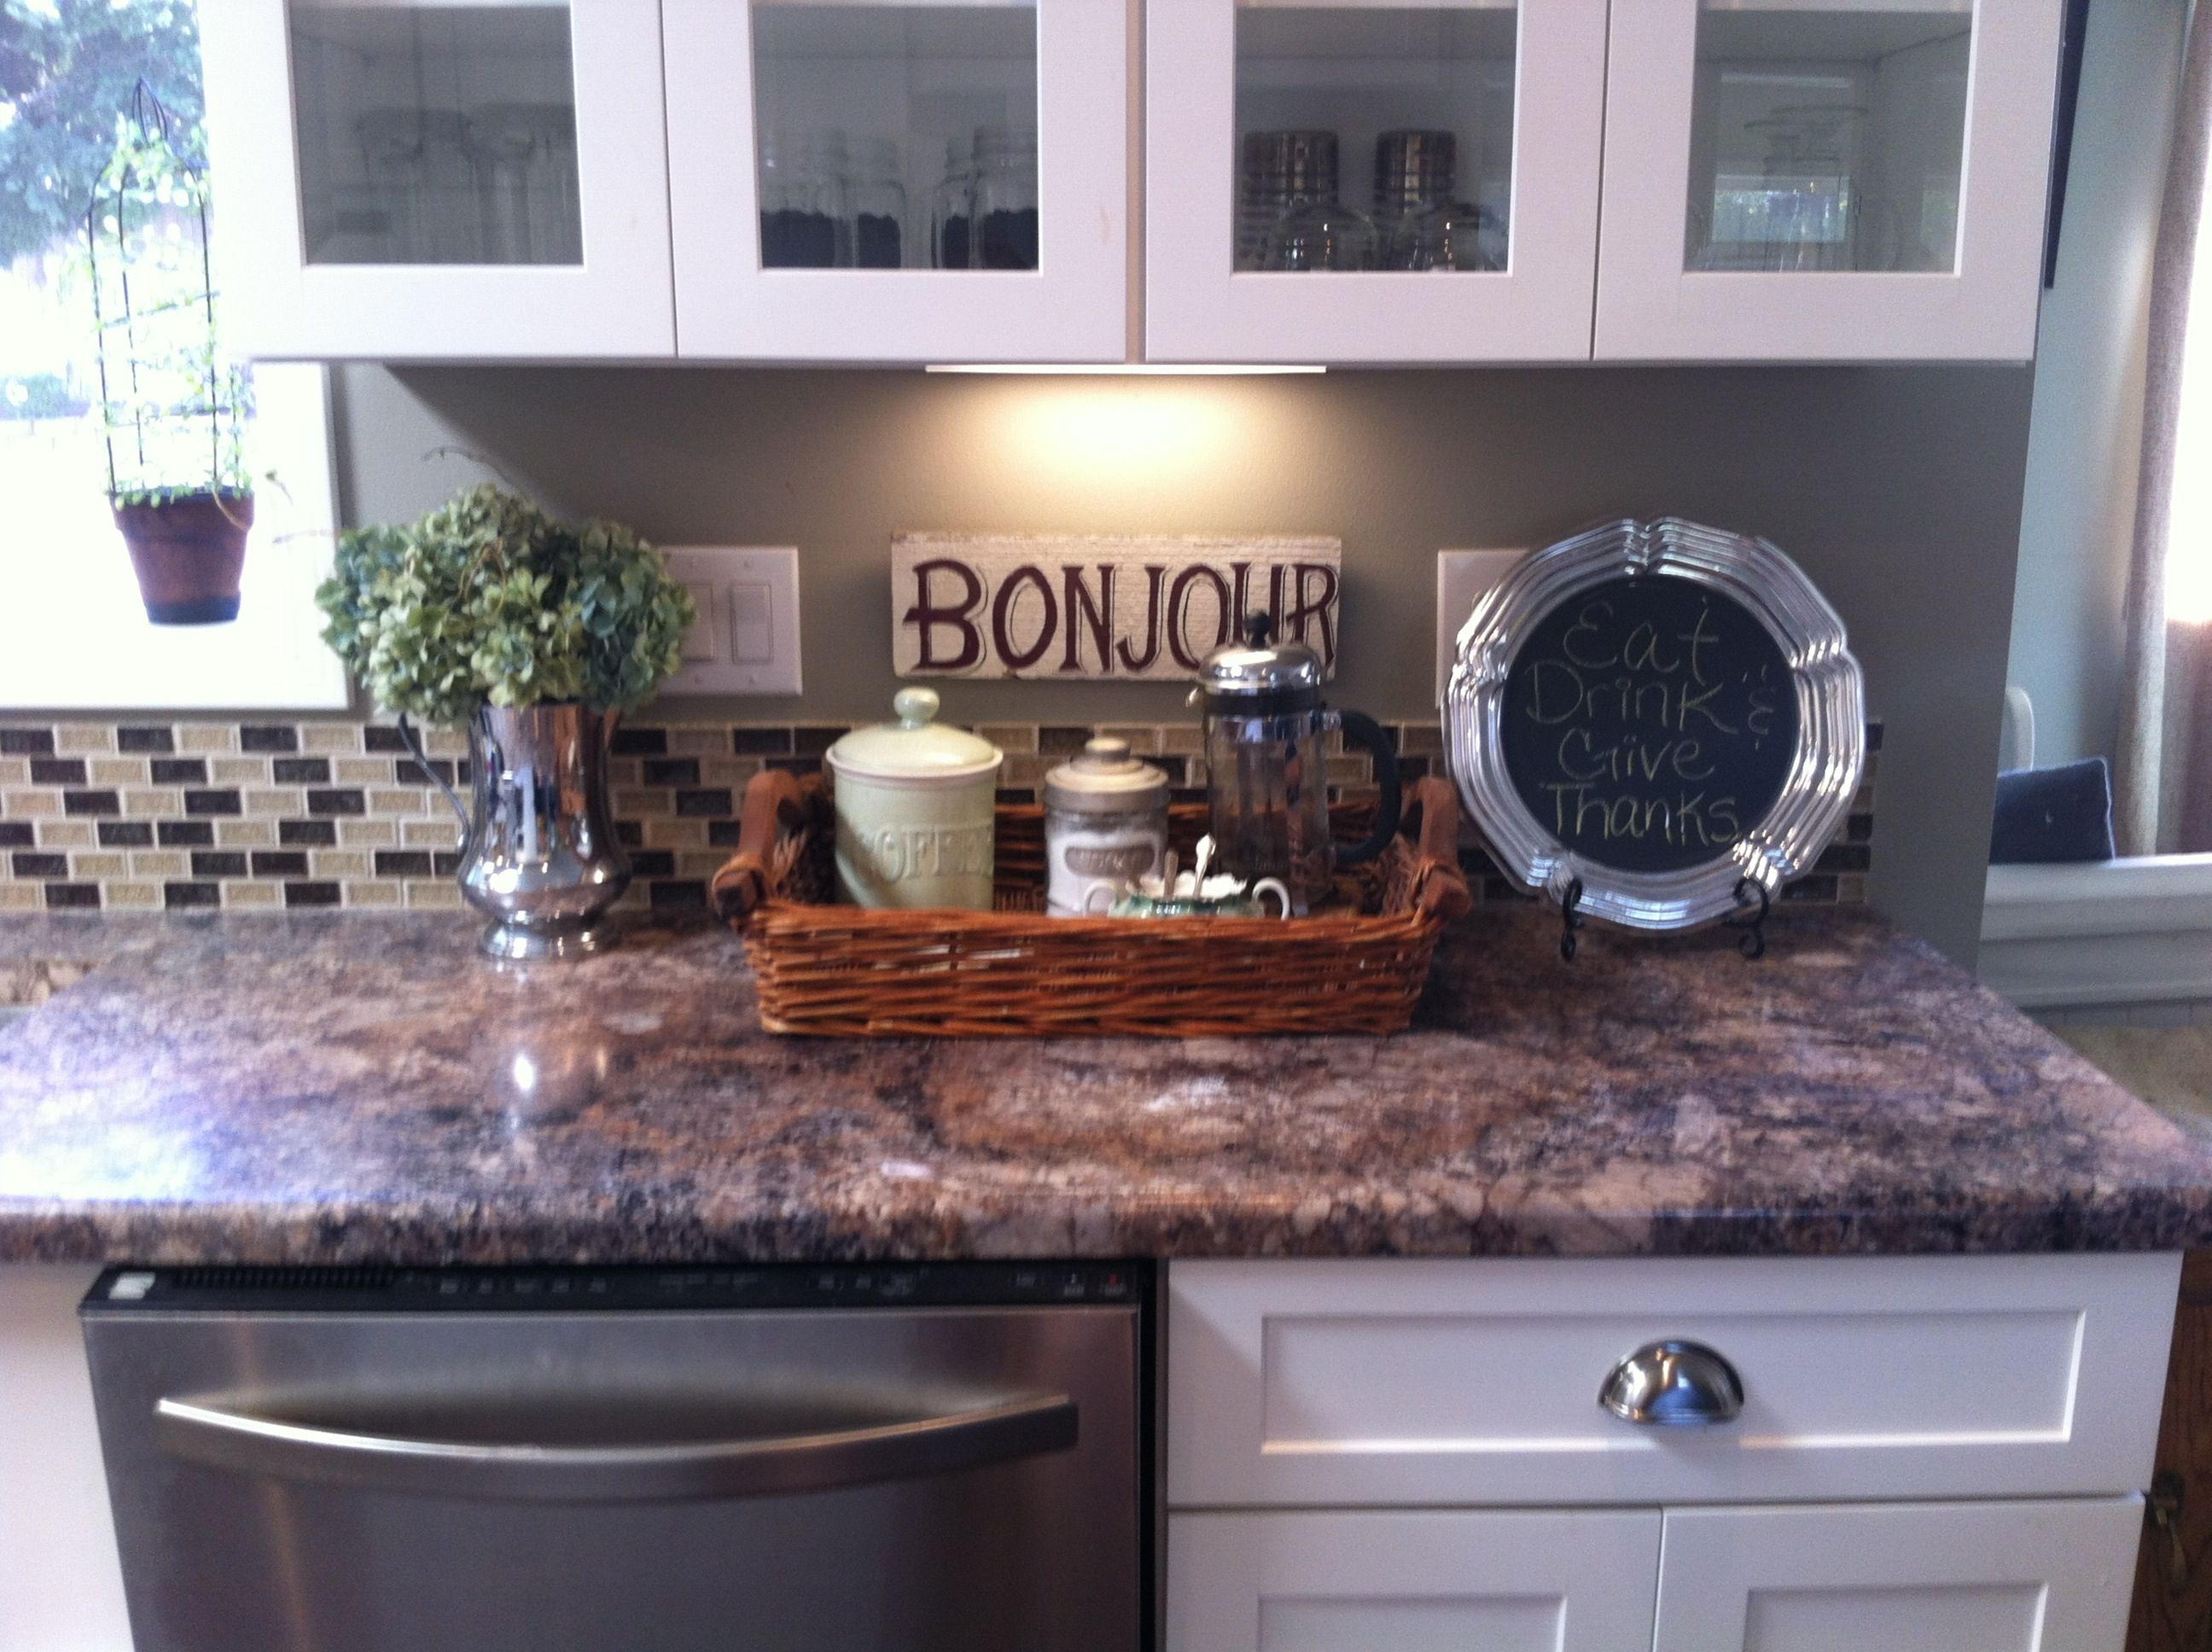 Kitchen counter decor   A pretty home is a happy home ... on How To Decorate A Kitchen Counter  id=56783